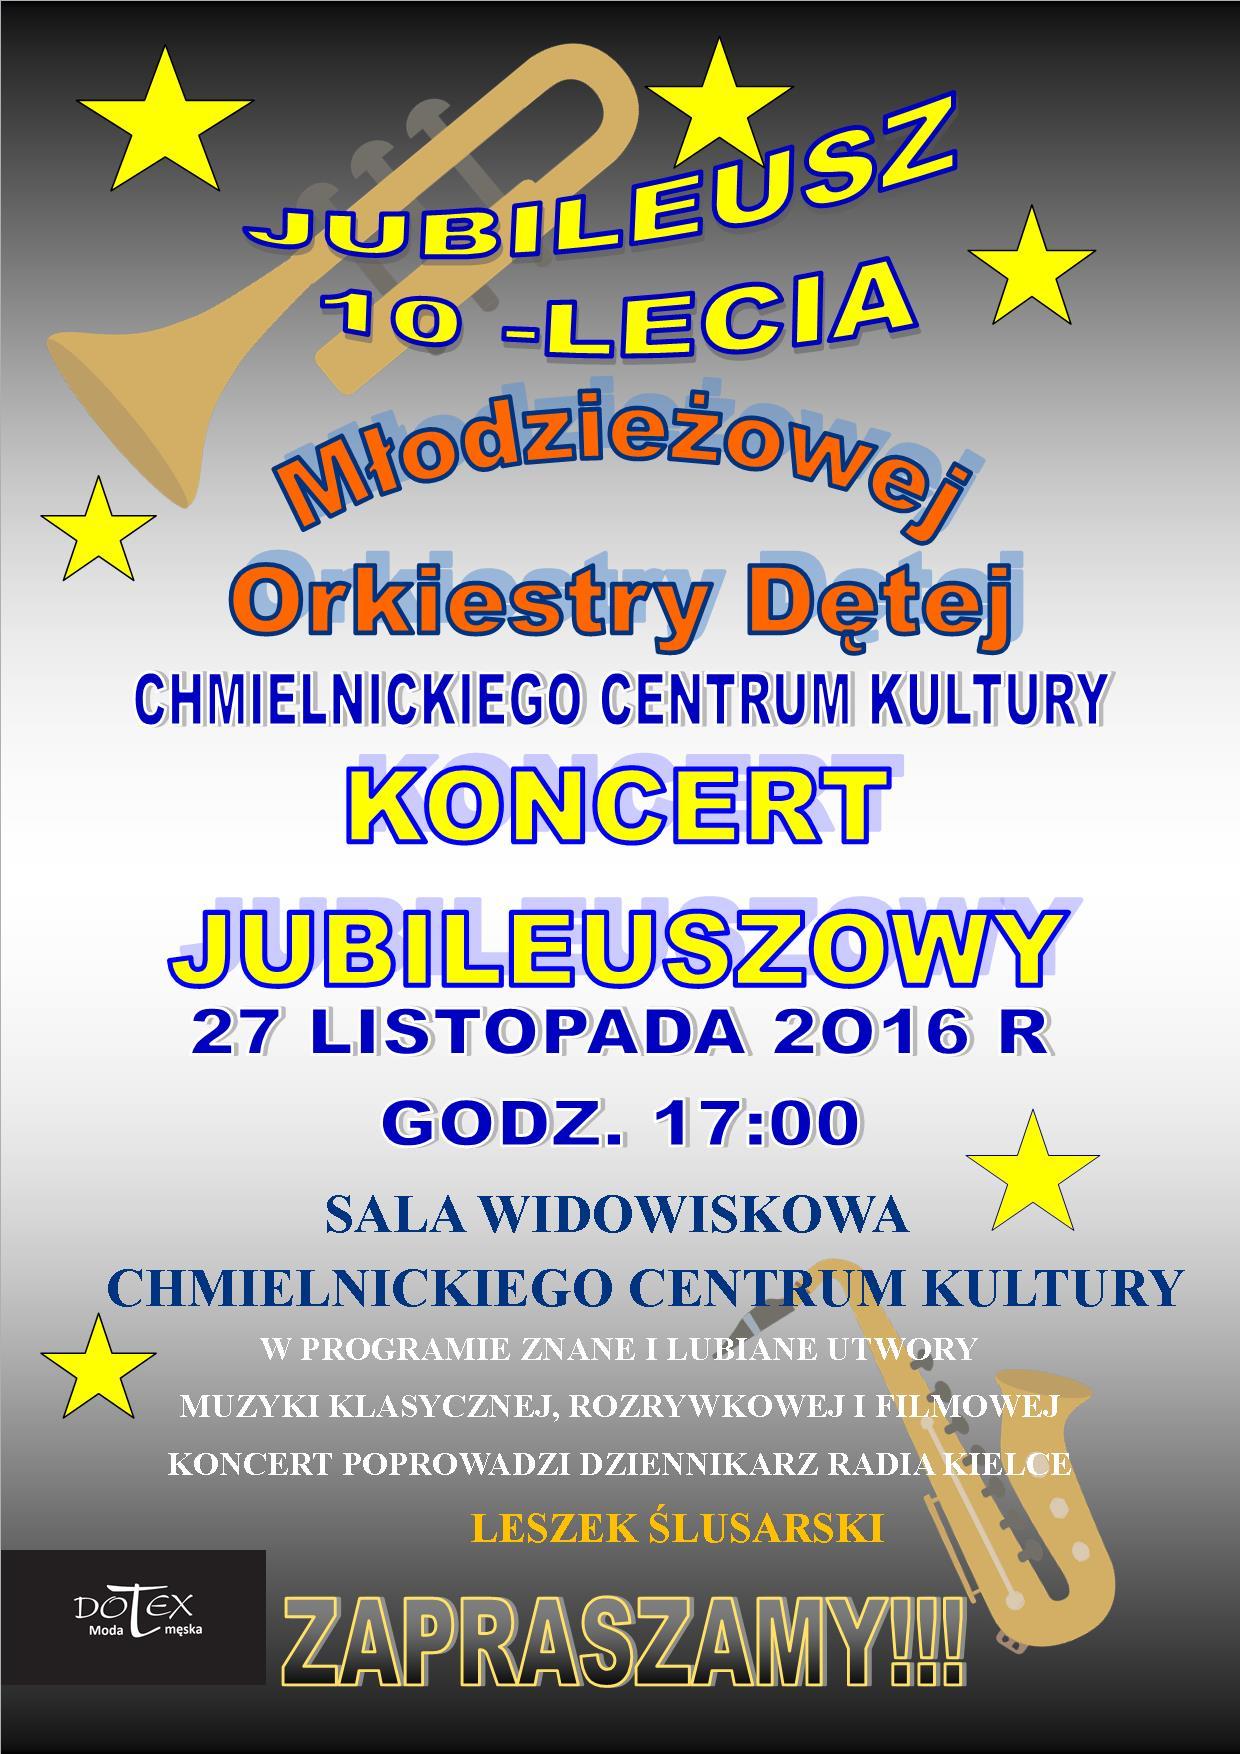 - jubileusz_orkiestry_plakat_gotowy2016.jpg